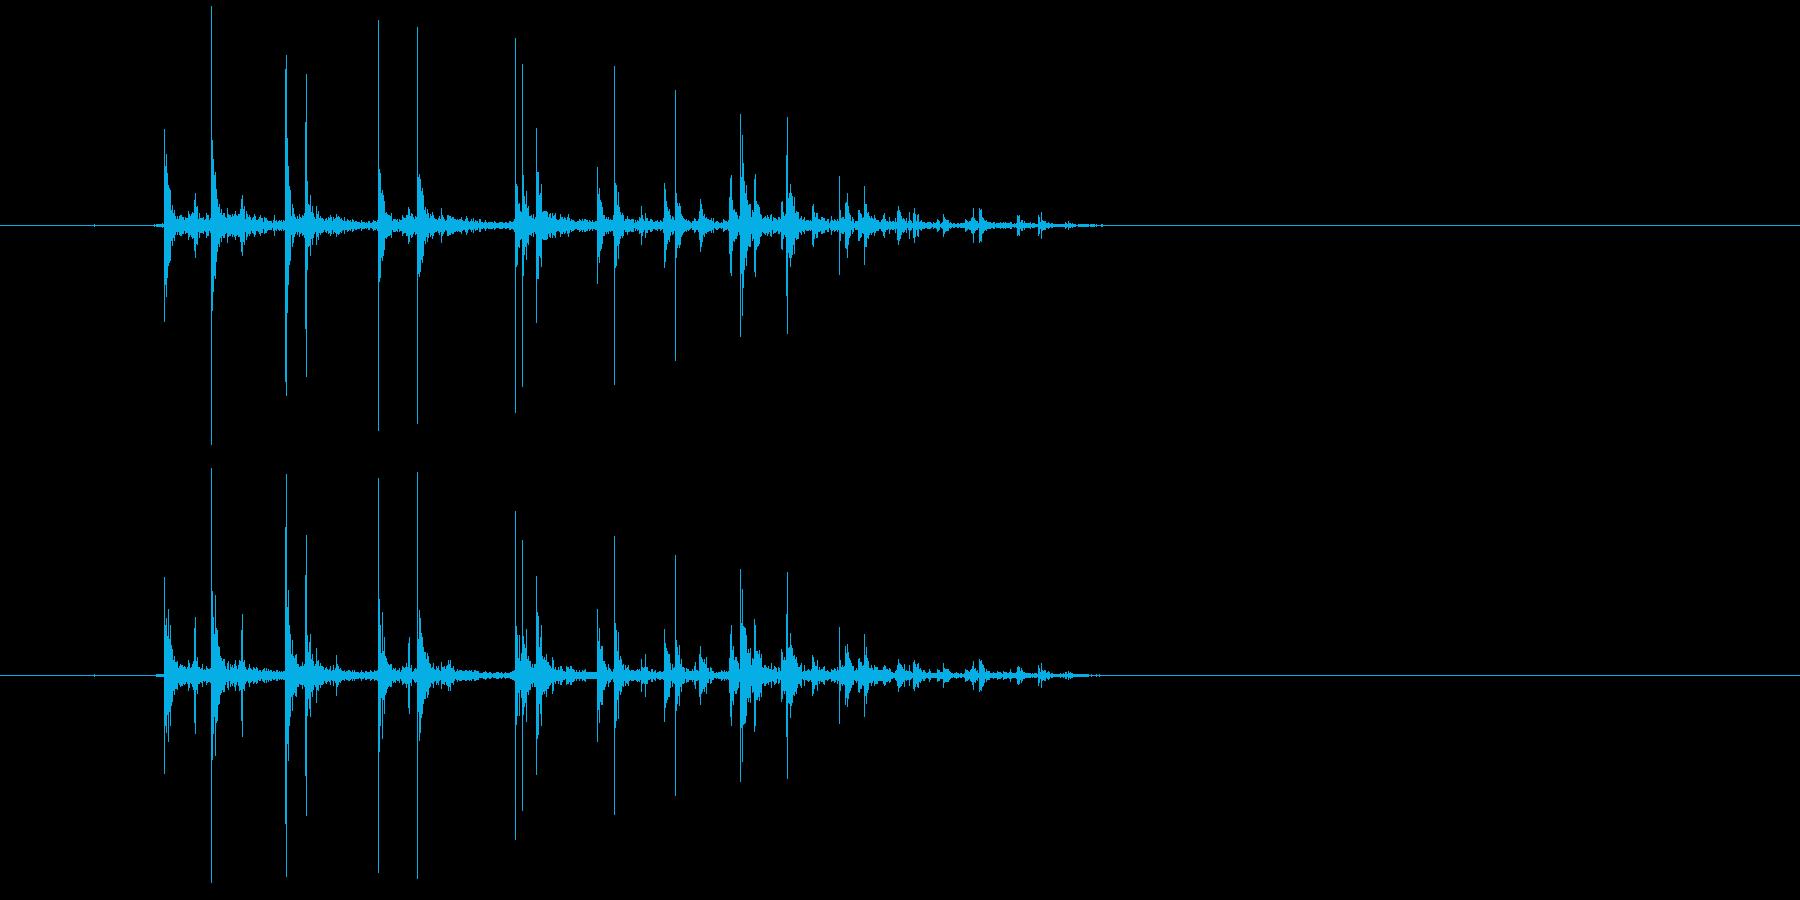 さいころを転がす音の再生済みの波形